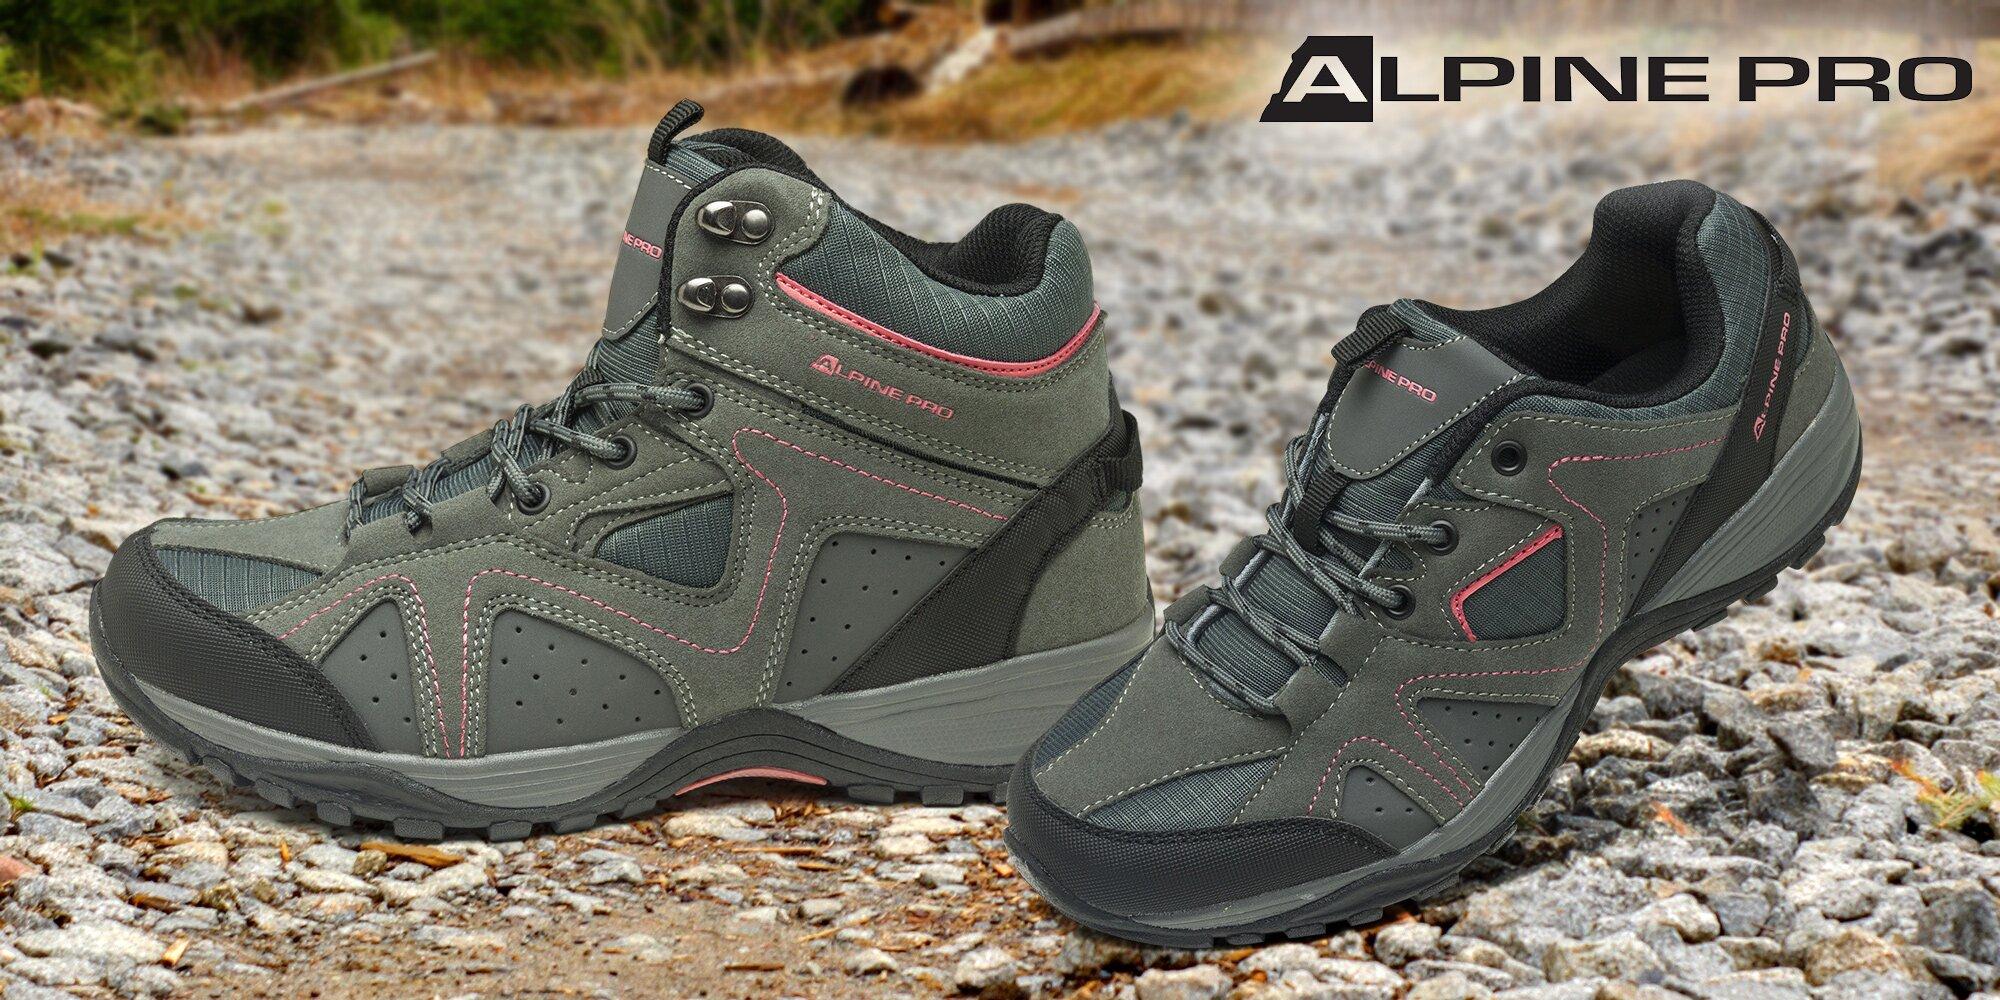 0009e54649e Dámské boty do terénu od značky Alpine Pro